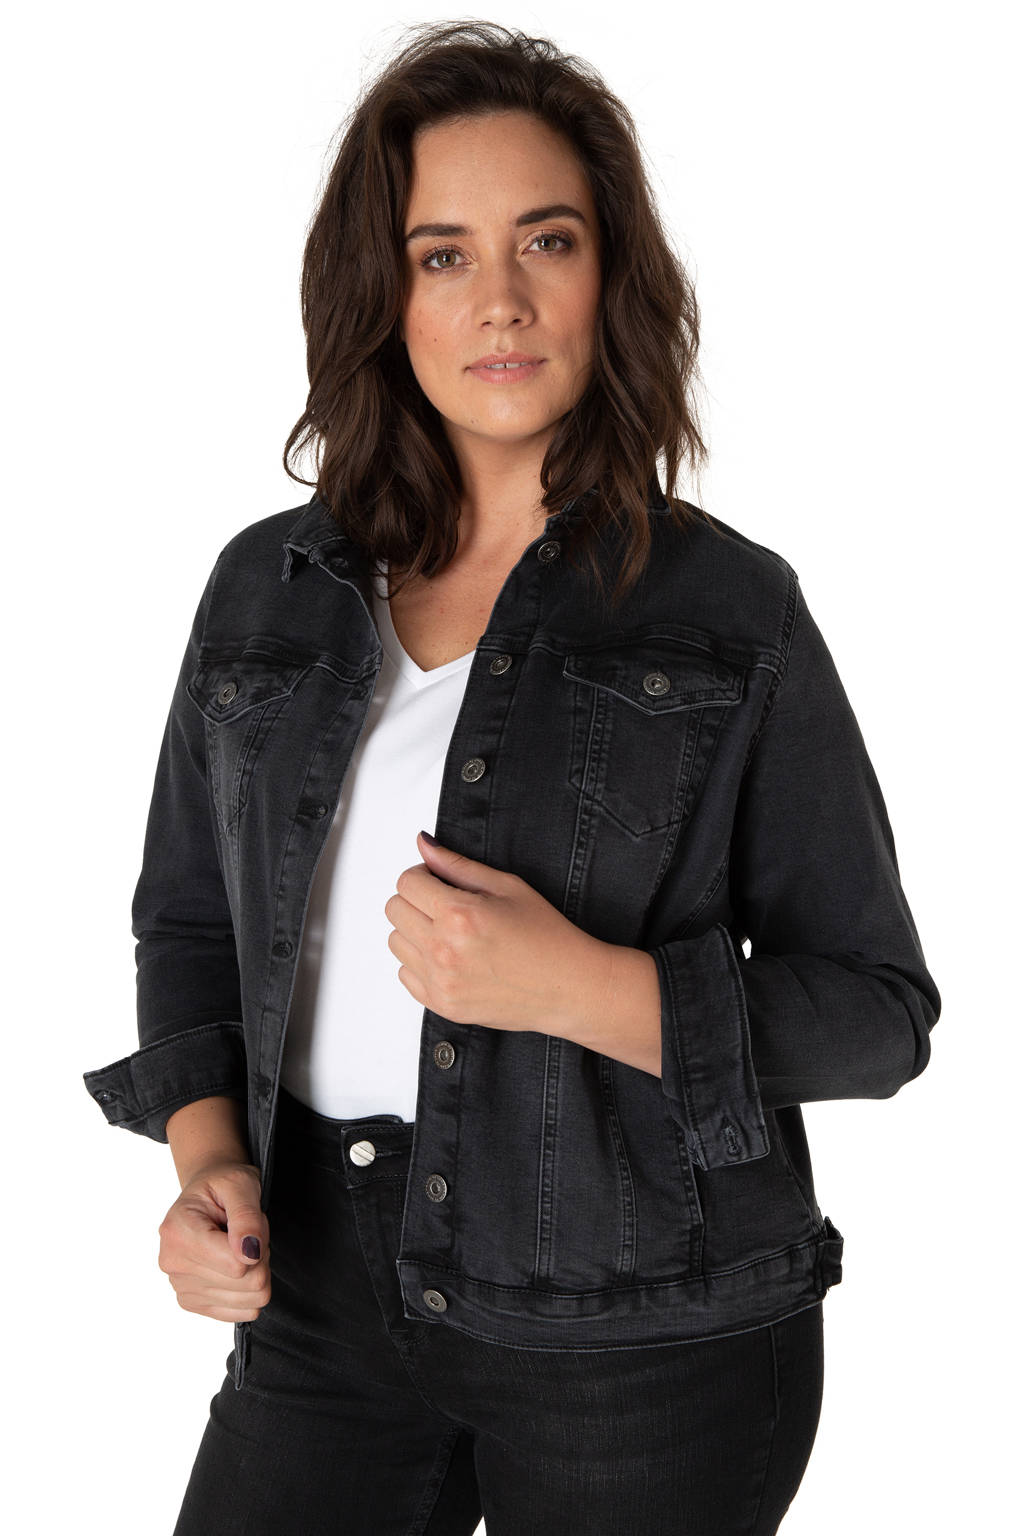 Yesta spijkerjasje 12005 - maggie grey rinse, 12005 - Maggie Grey Rinse